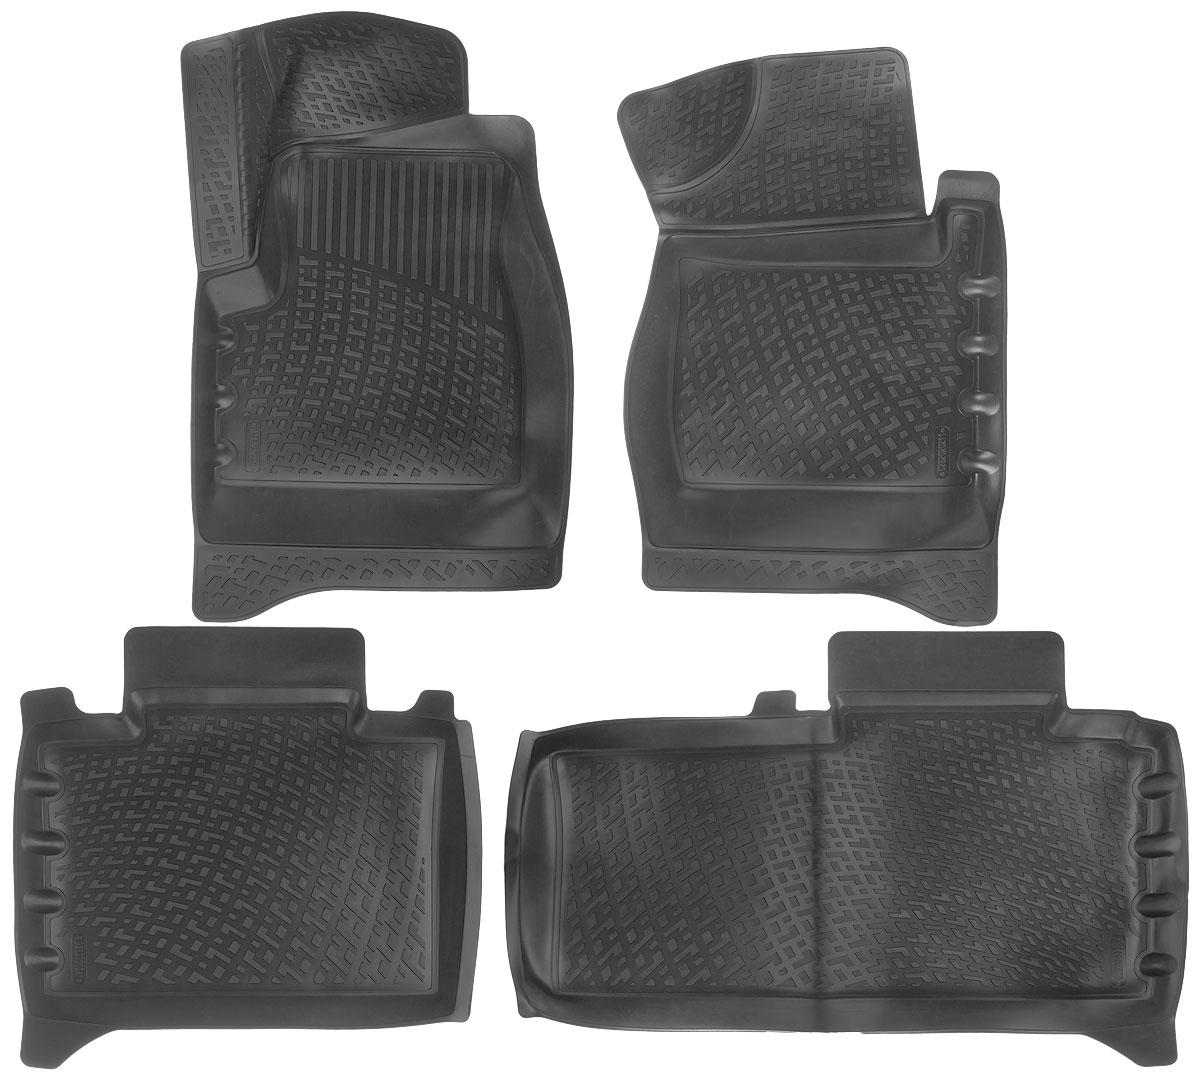 Набор автомобильных ковриков L.Locker УАЗ Patriot (1) 2012, в салон, 4 шт0282020201Набор L.Locker УАЗ Patriot (1) 2012, изготовленный из полиуретана, состоит из 4 антискользящих 3D ковриков, которые производятся индивидуально для каждой модели автомобиля. Изделие точно повторяет геометрию пола автомобиля, имеет высокий борт, обладает повышенной износоустойчивостью, лишено резкого запаха и сохраняет свои потребительские свойства в широком диапазоне температур от -50°С до +50°С. Комплектация: 4 шт. Размер ковриков: 82 см х 52 см; 64 см х 57 см; 59 см х 90 см; 76 см х 51 см.